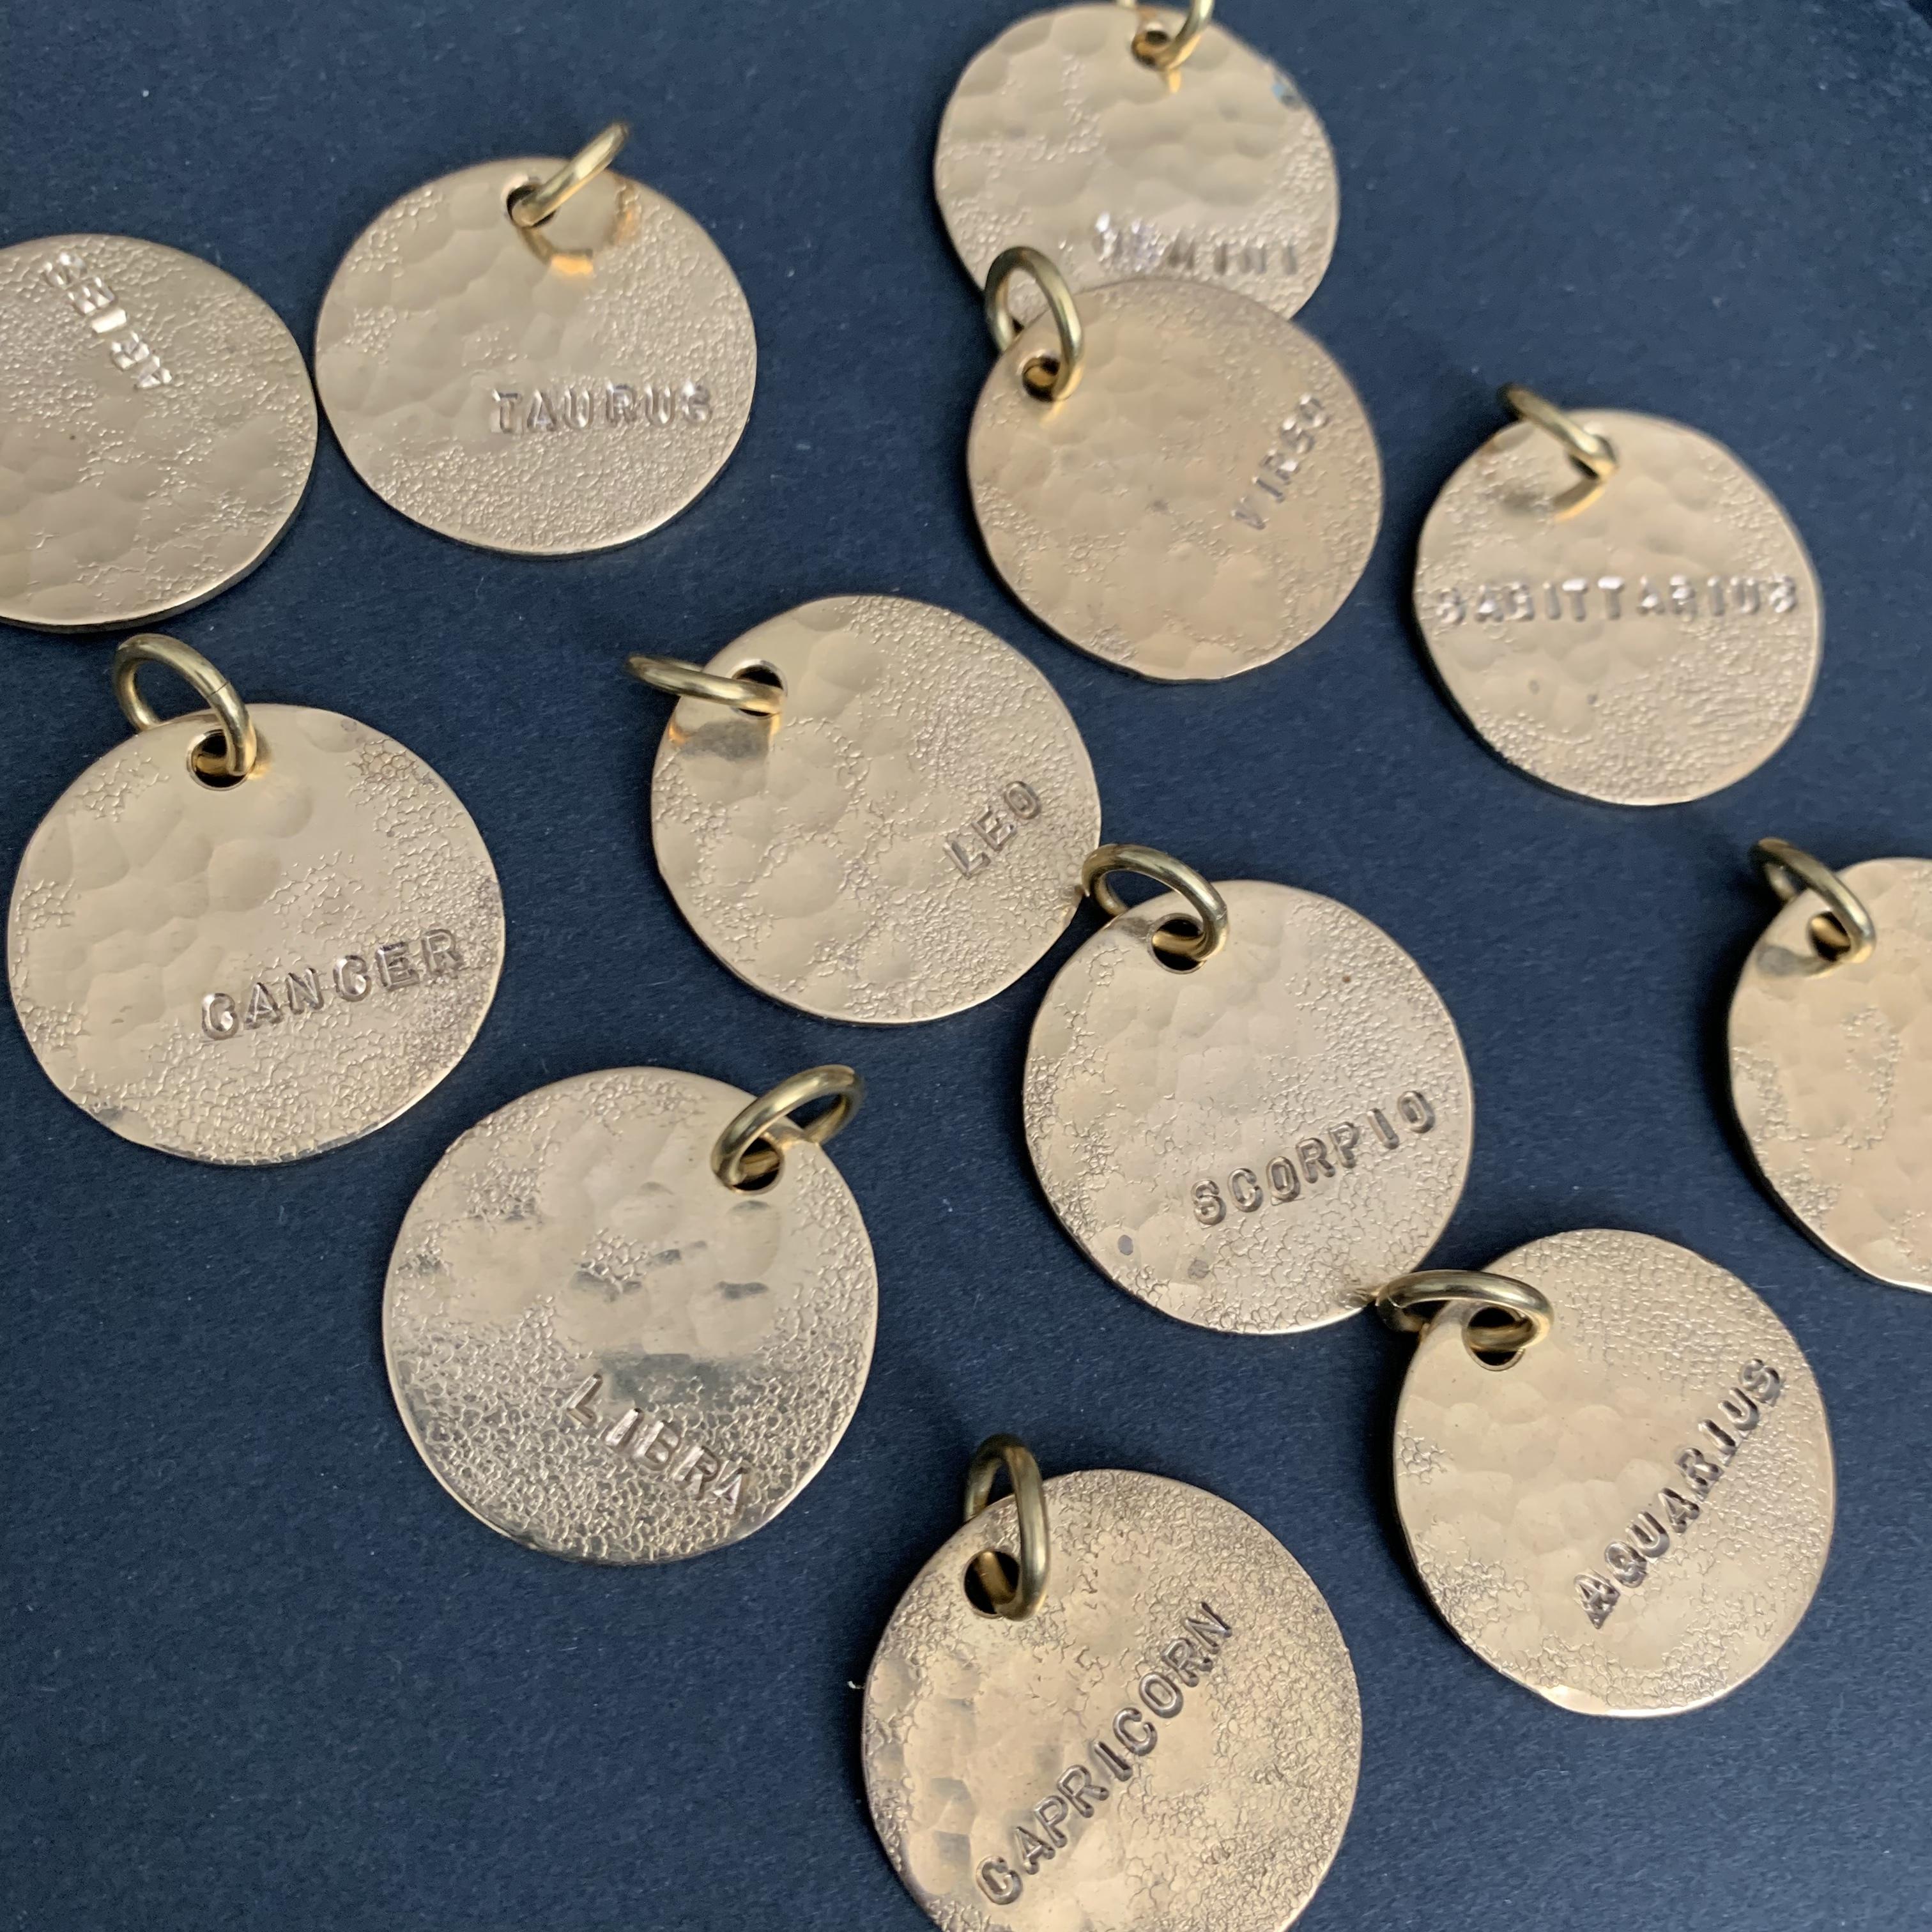 真鍮のペンダント・星座シリーズ(種類を選んでください)ネコポス発送可能